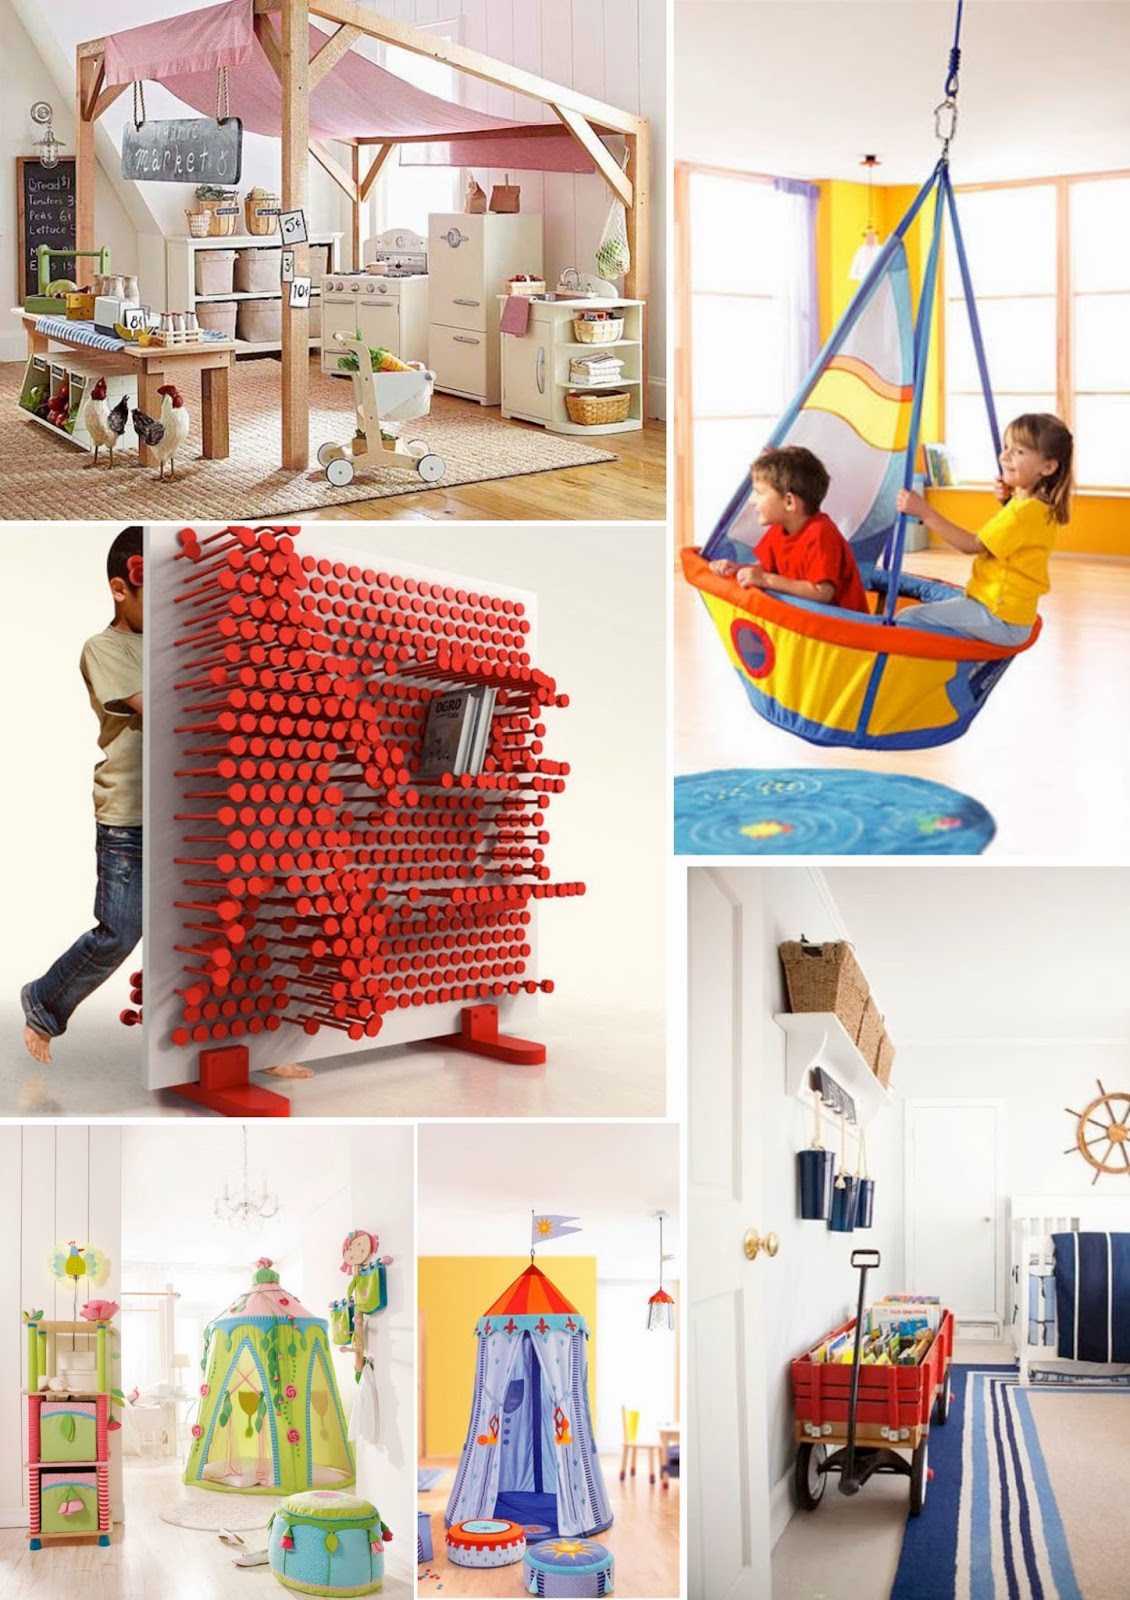 Ideias Criativas Decoracao Quarto Infantil Redival Com